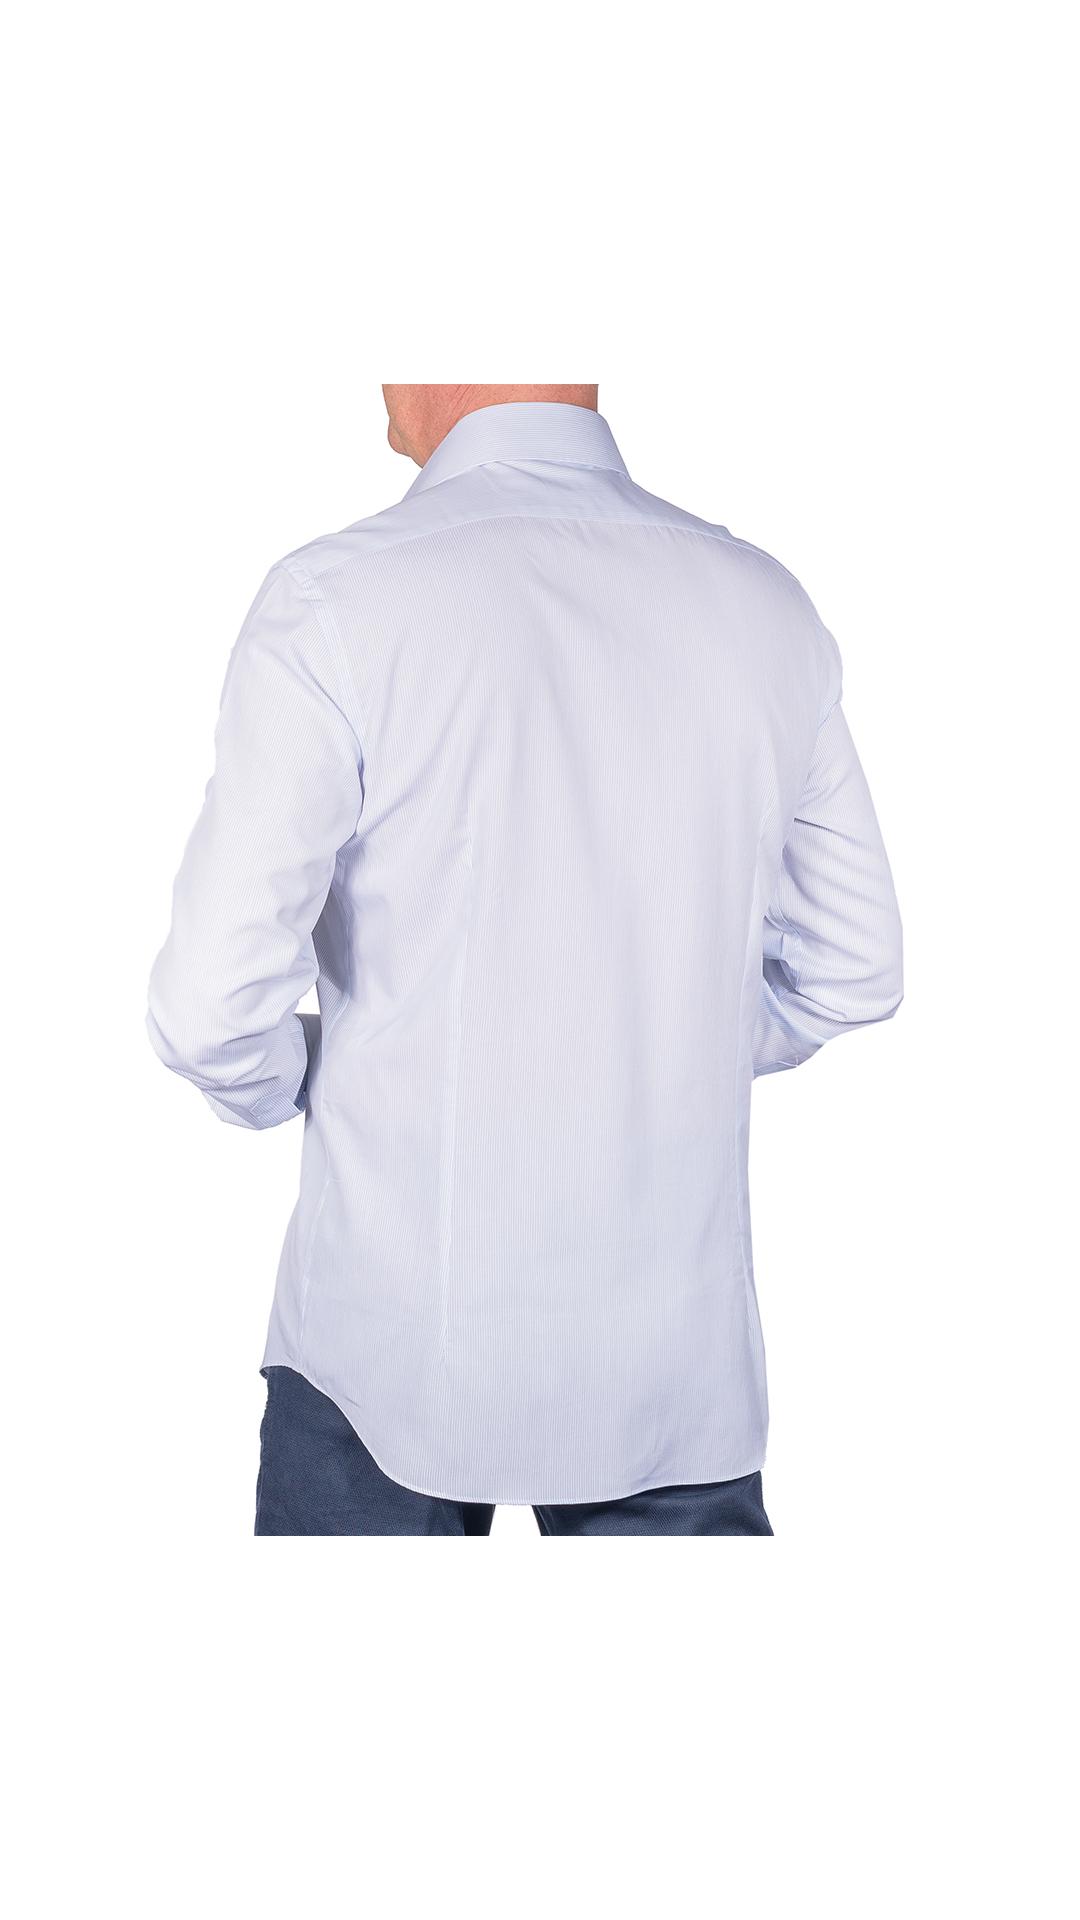 LUXURYJT0101 CAMICIA UOMO DOPPIO RITORTO MANICA LUNGA 2 1stAmerican camicia elegante da uomo in collo classico 100% cotone alta qualità doppio ritorto manica lunga – camicia sartoriale regular fit